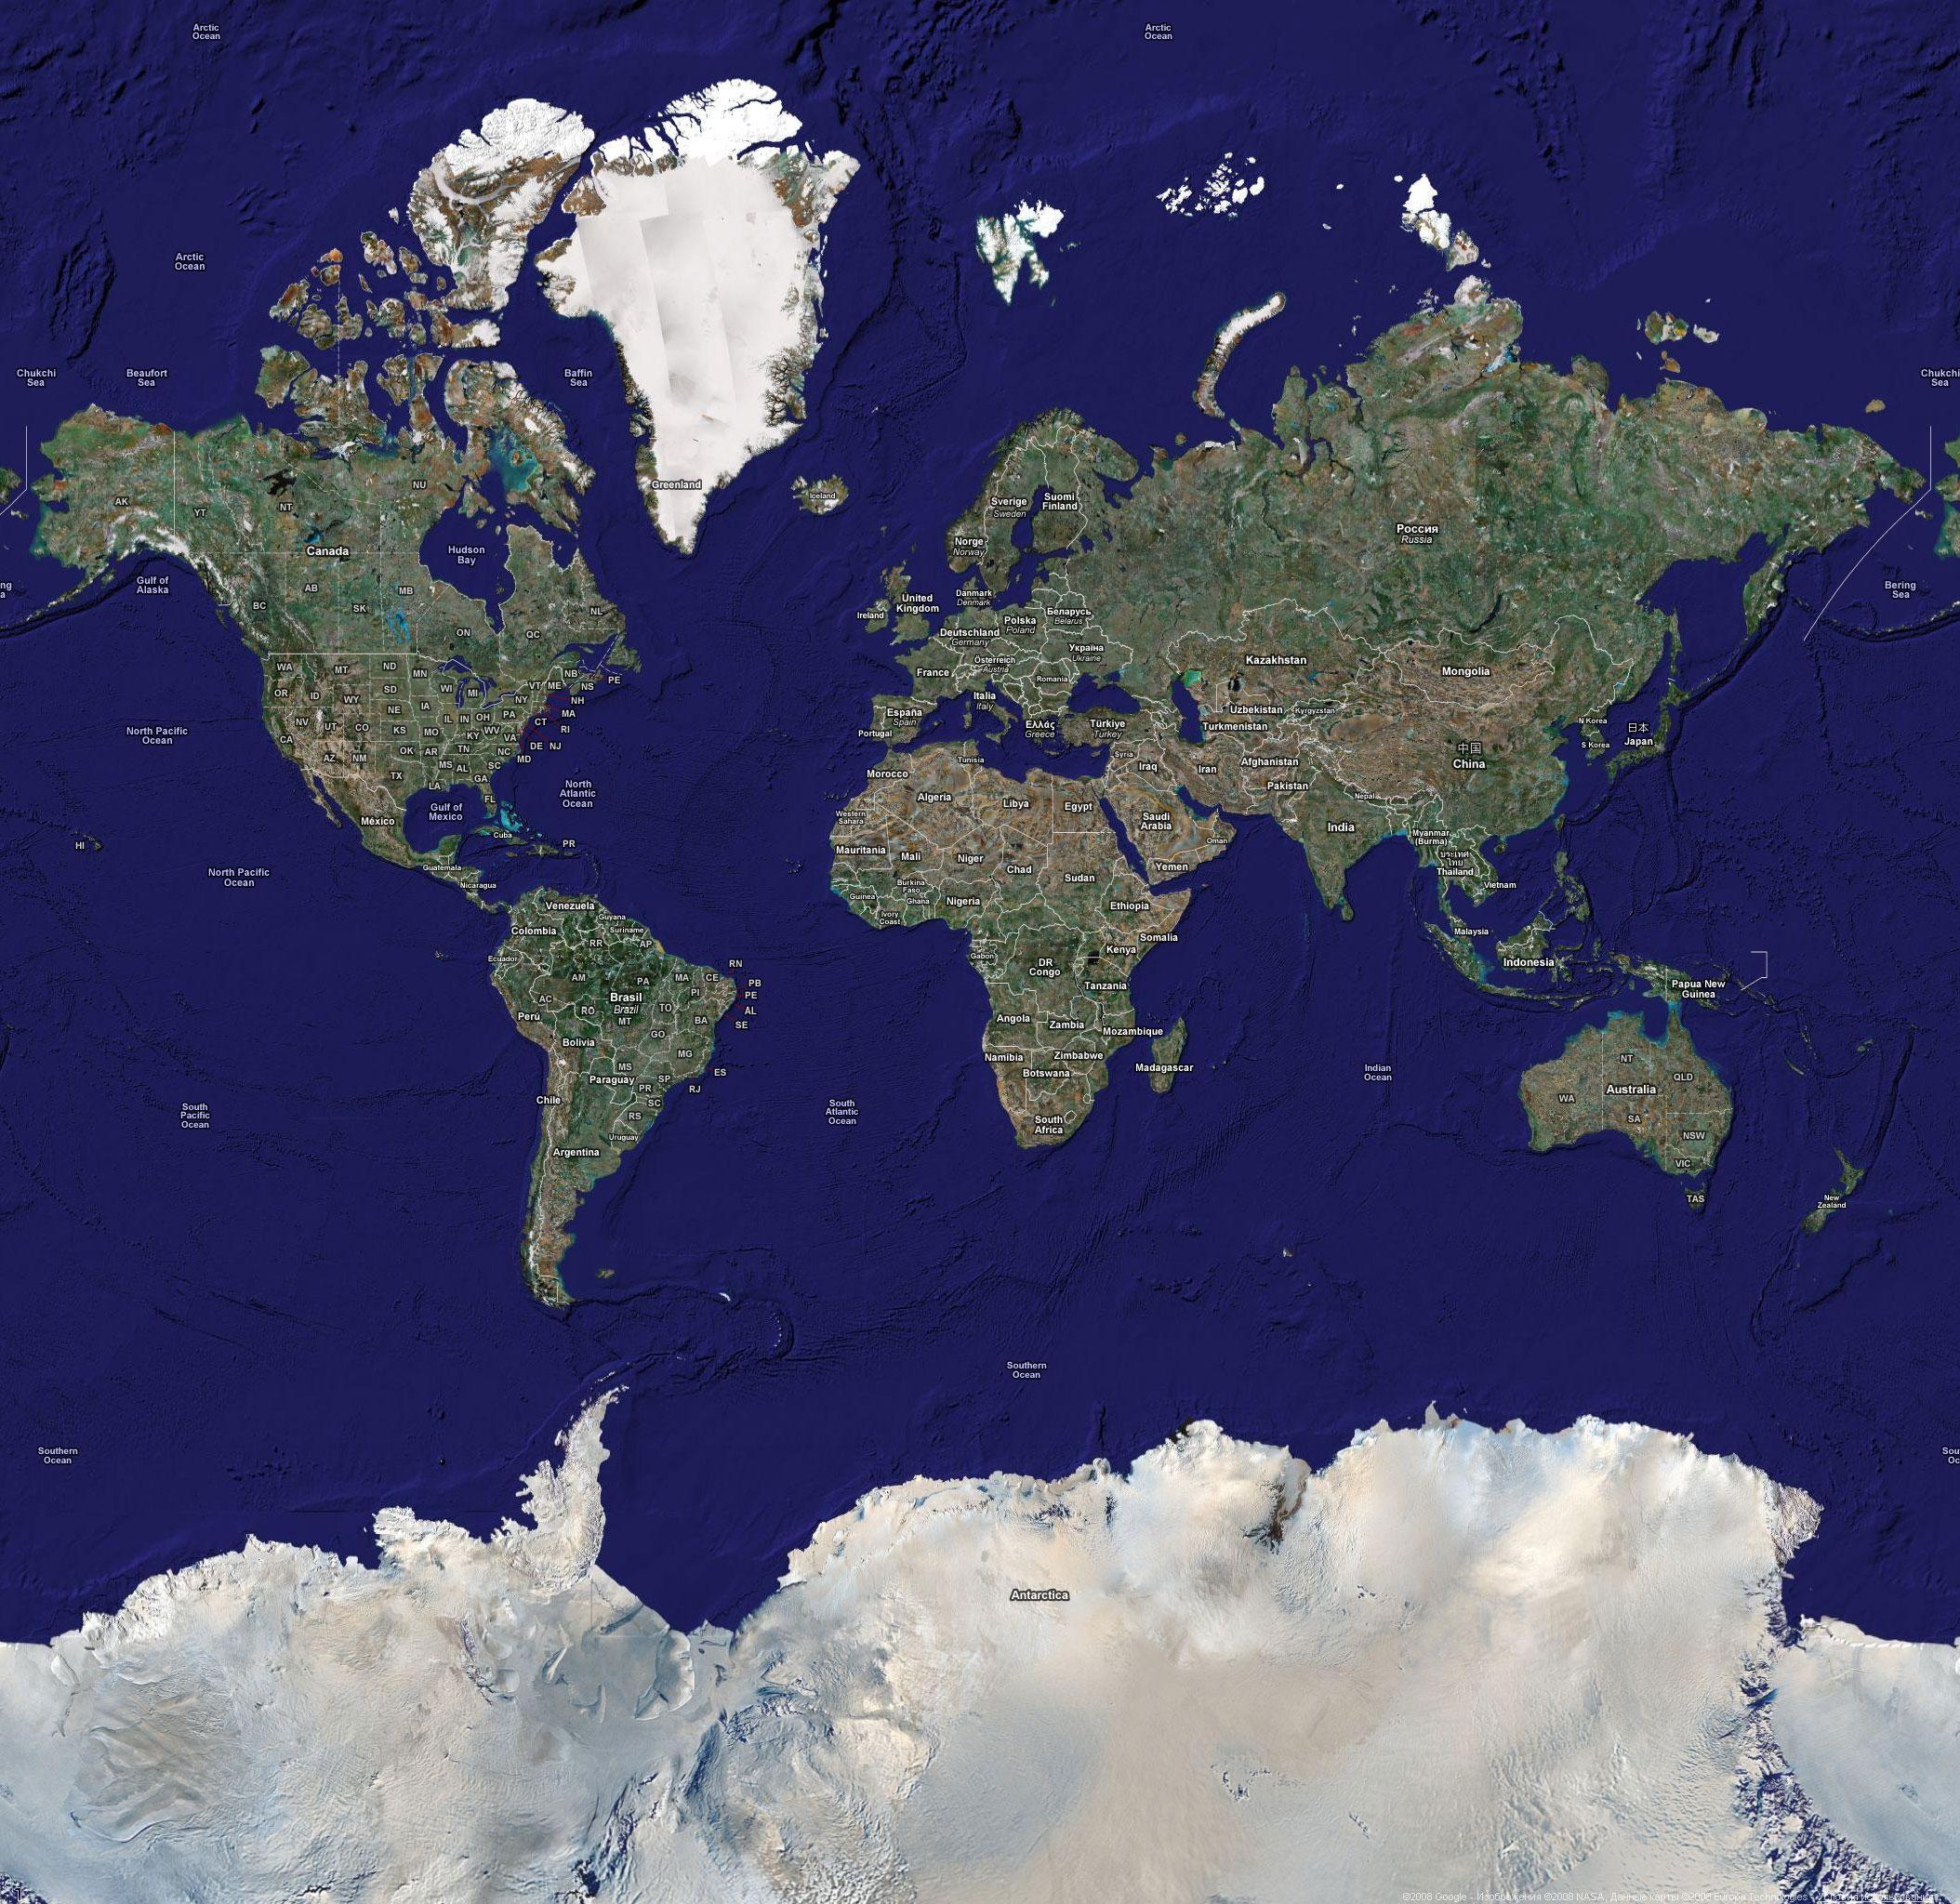 спутниковая карта земли в реальном времени онлайн